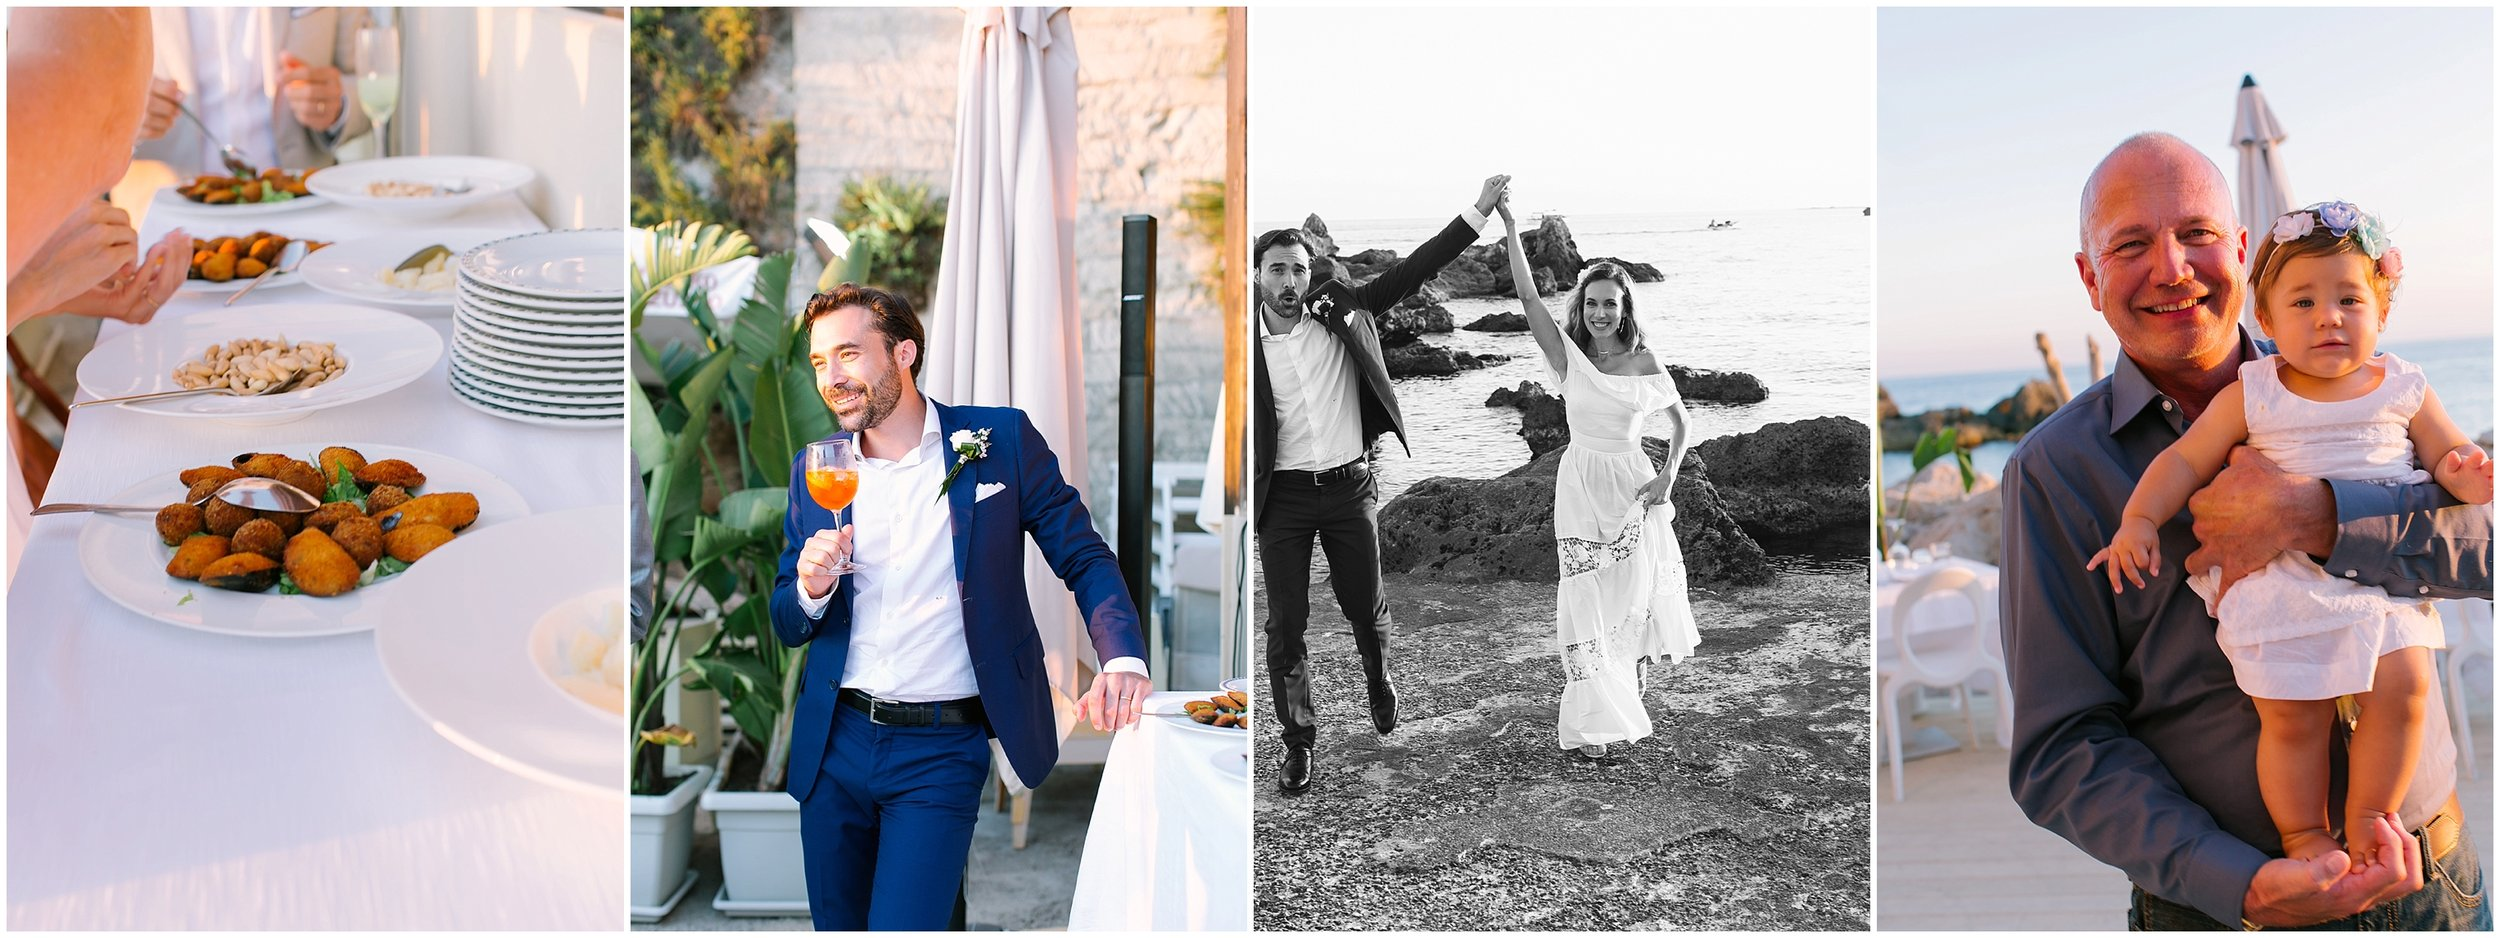 Alea Lovely Destination Wedding Photographer Italy_0045.jpg